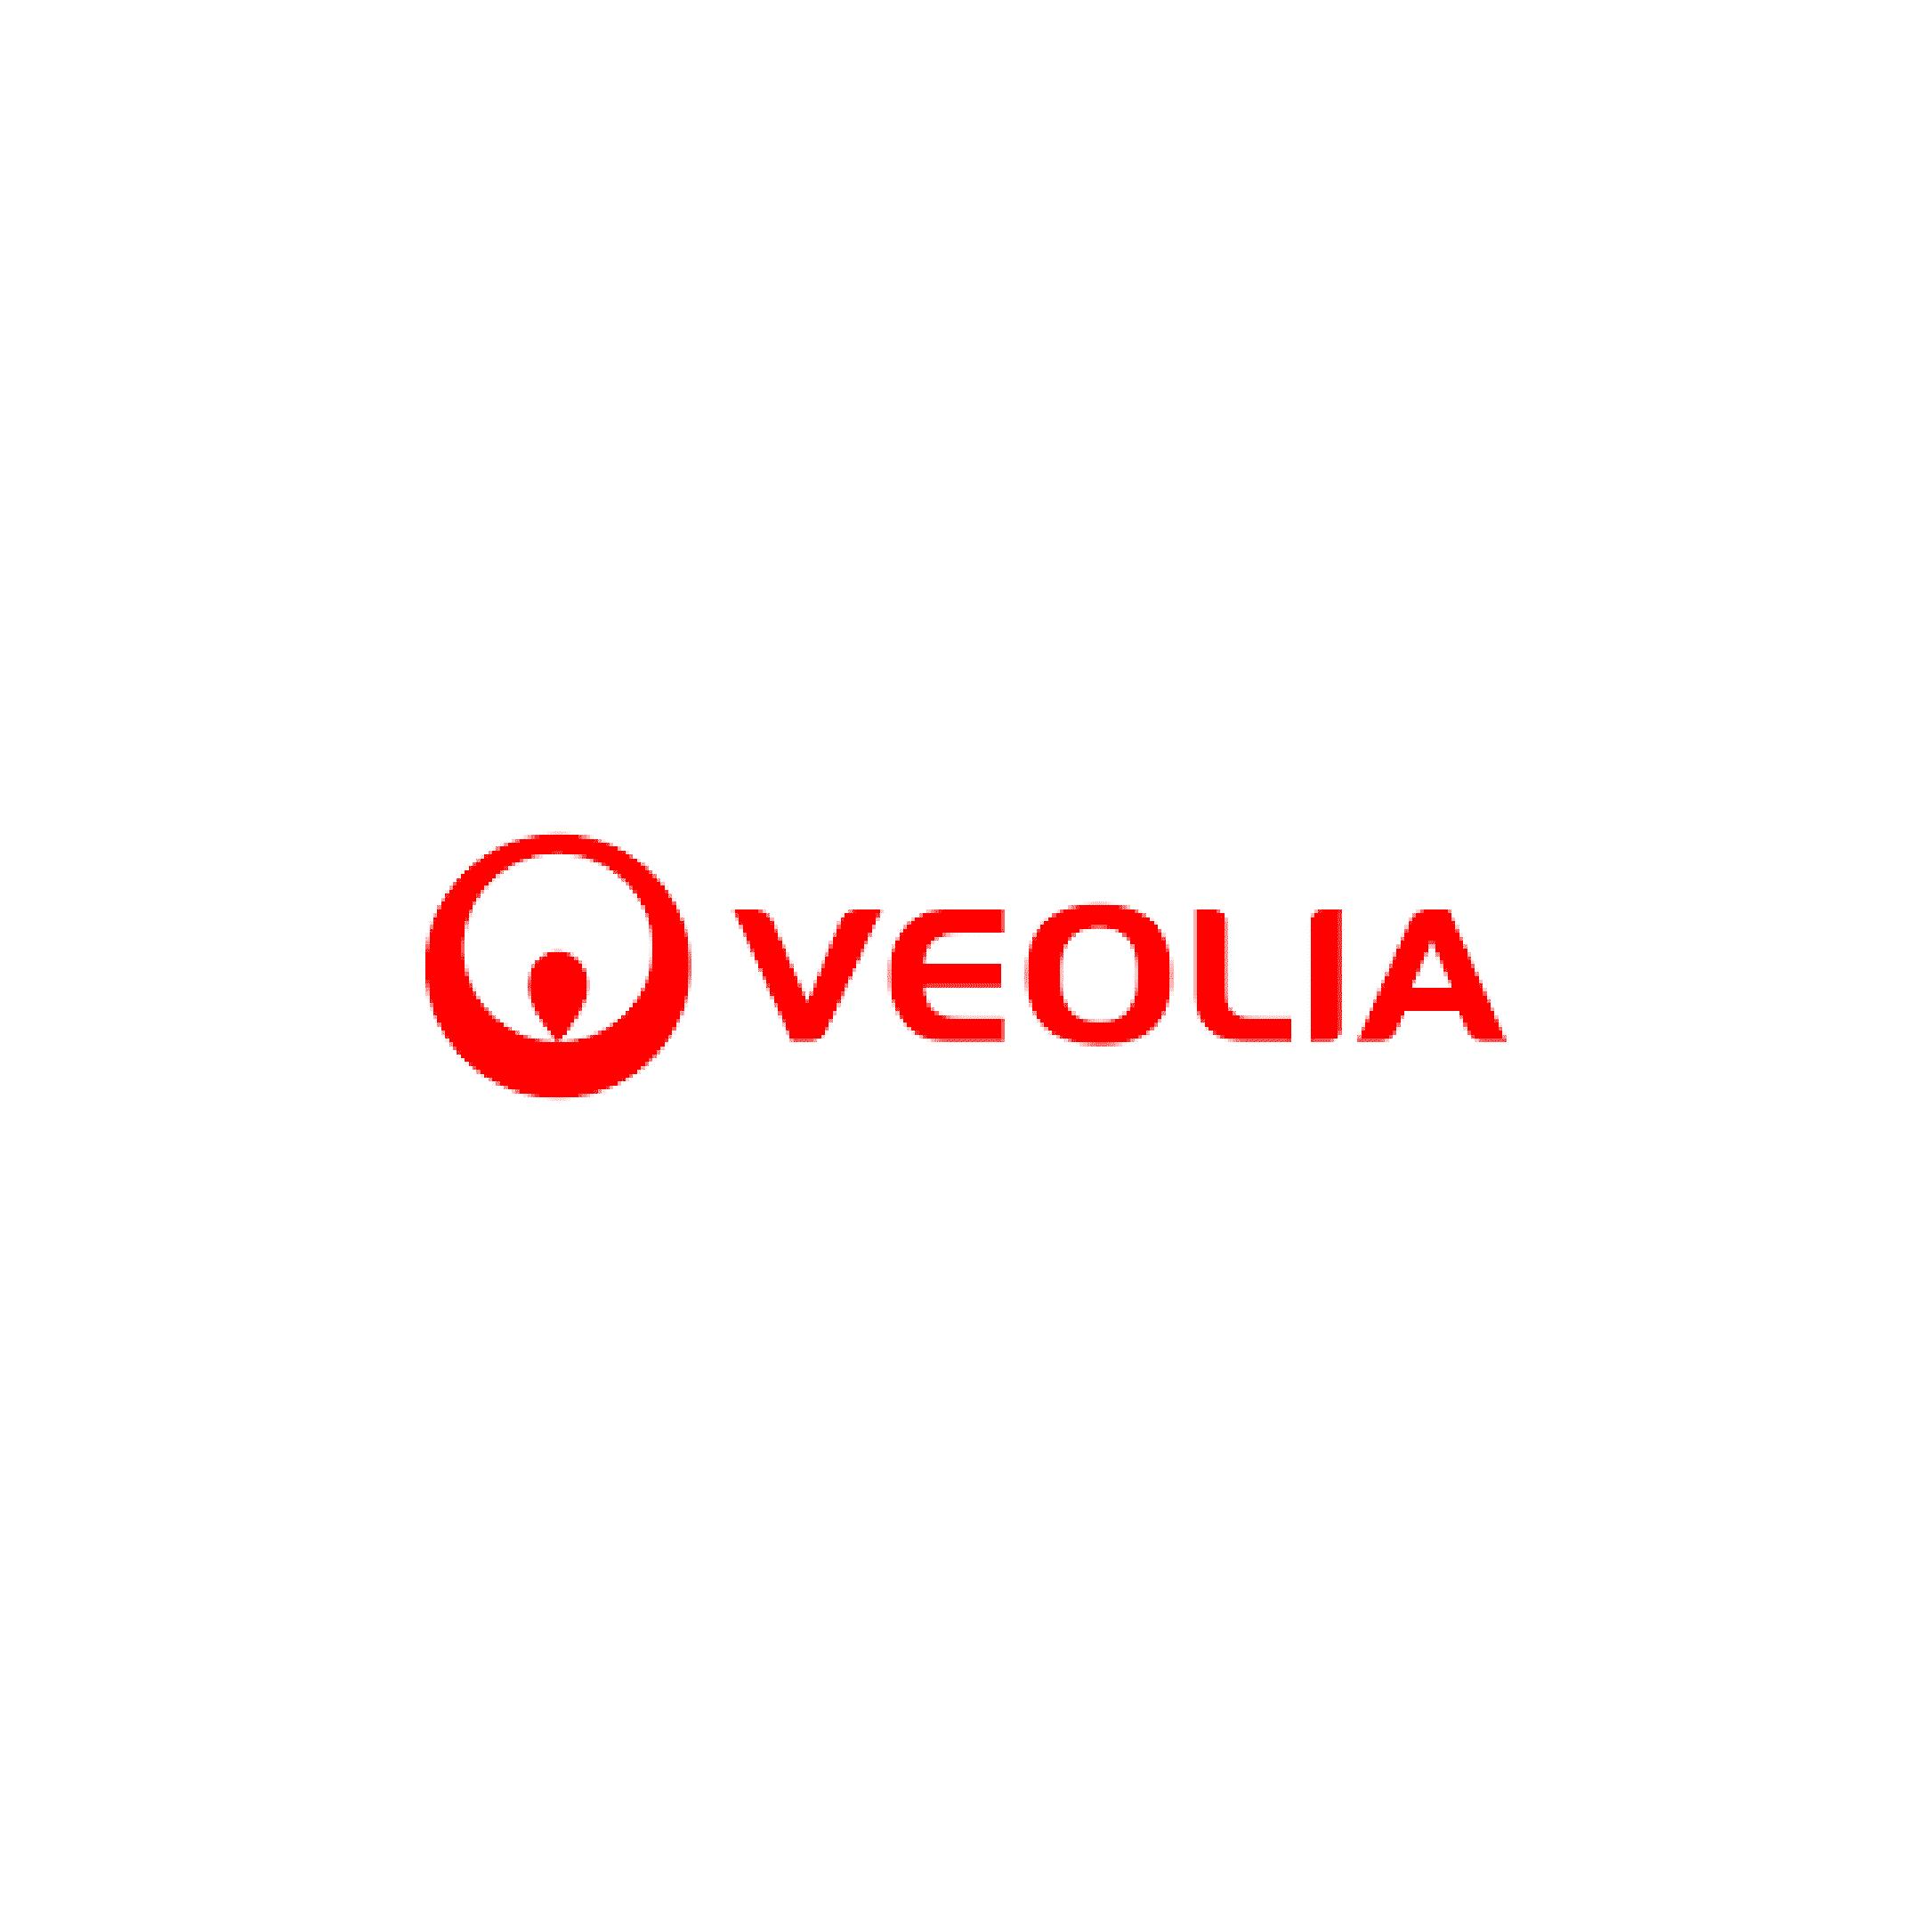 DialOnce-Telecom-logo-Veolia